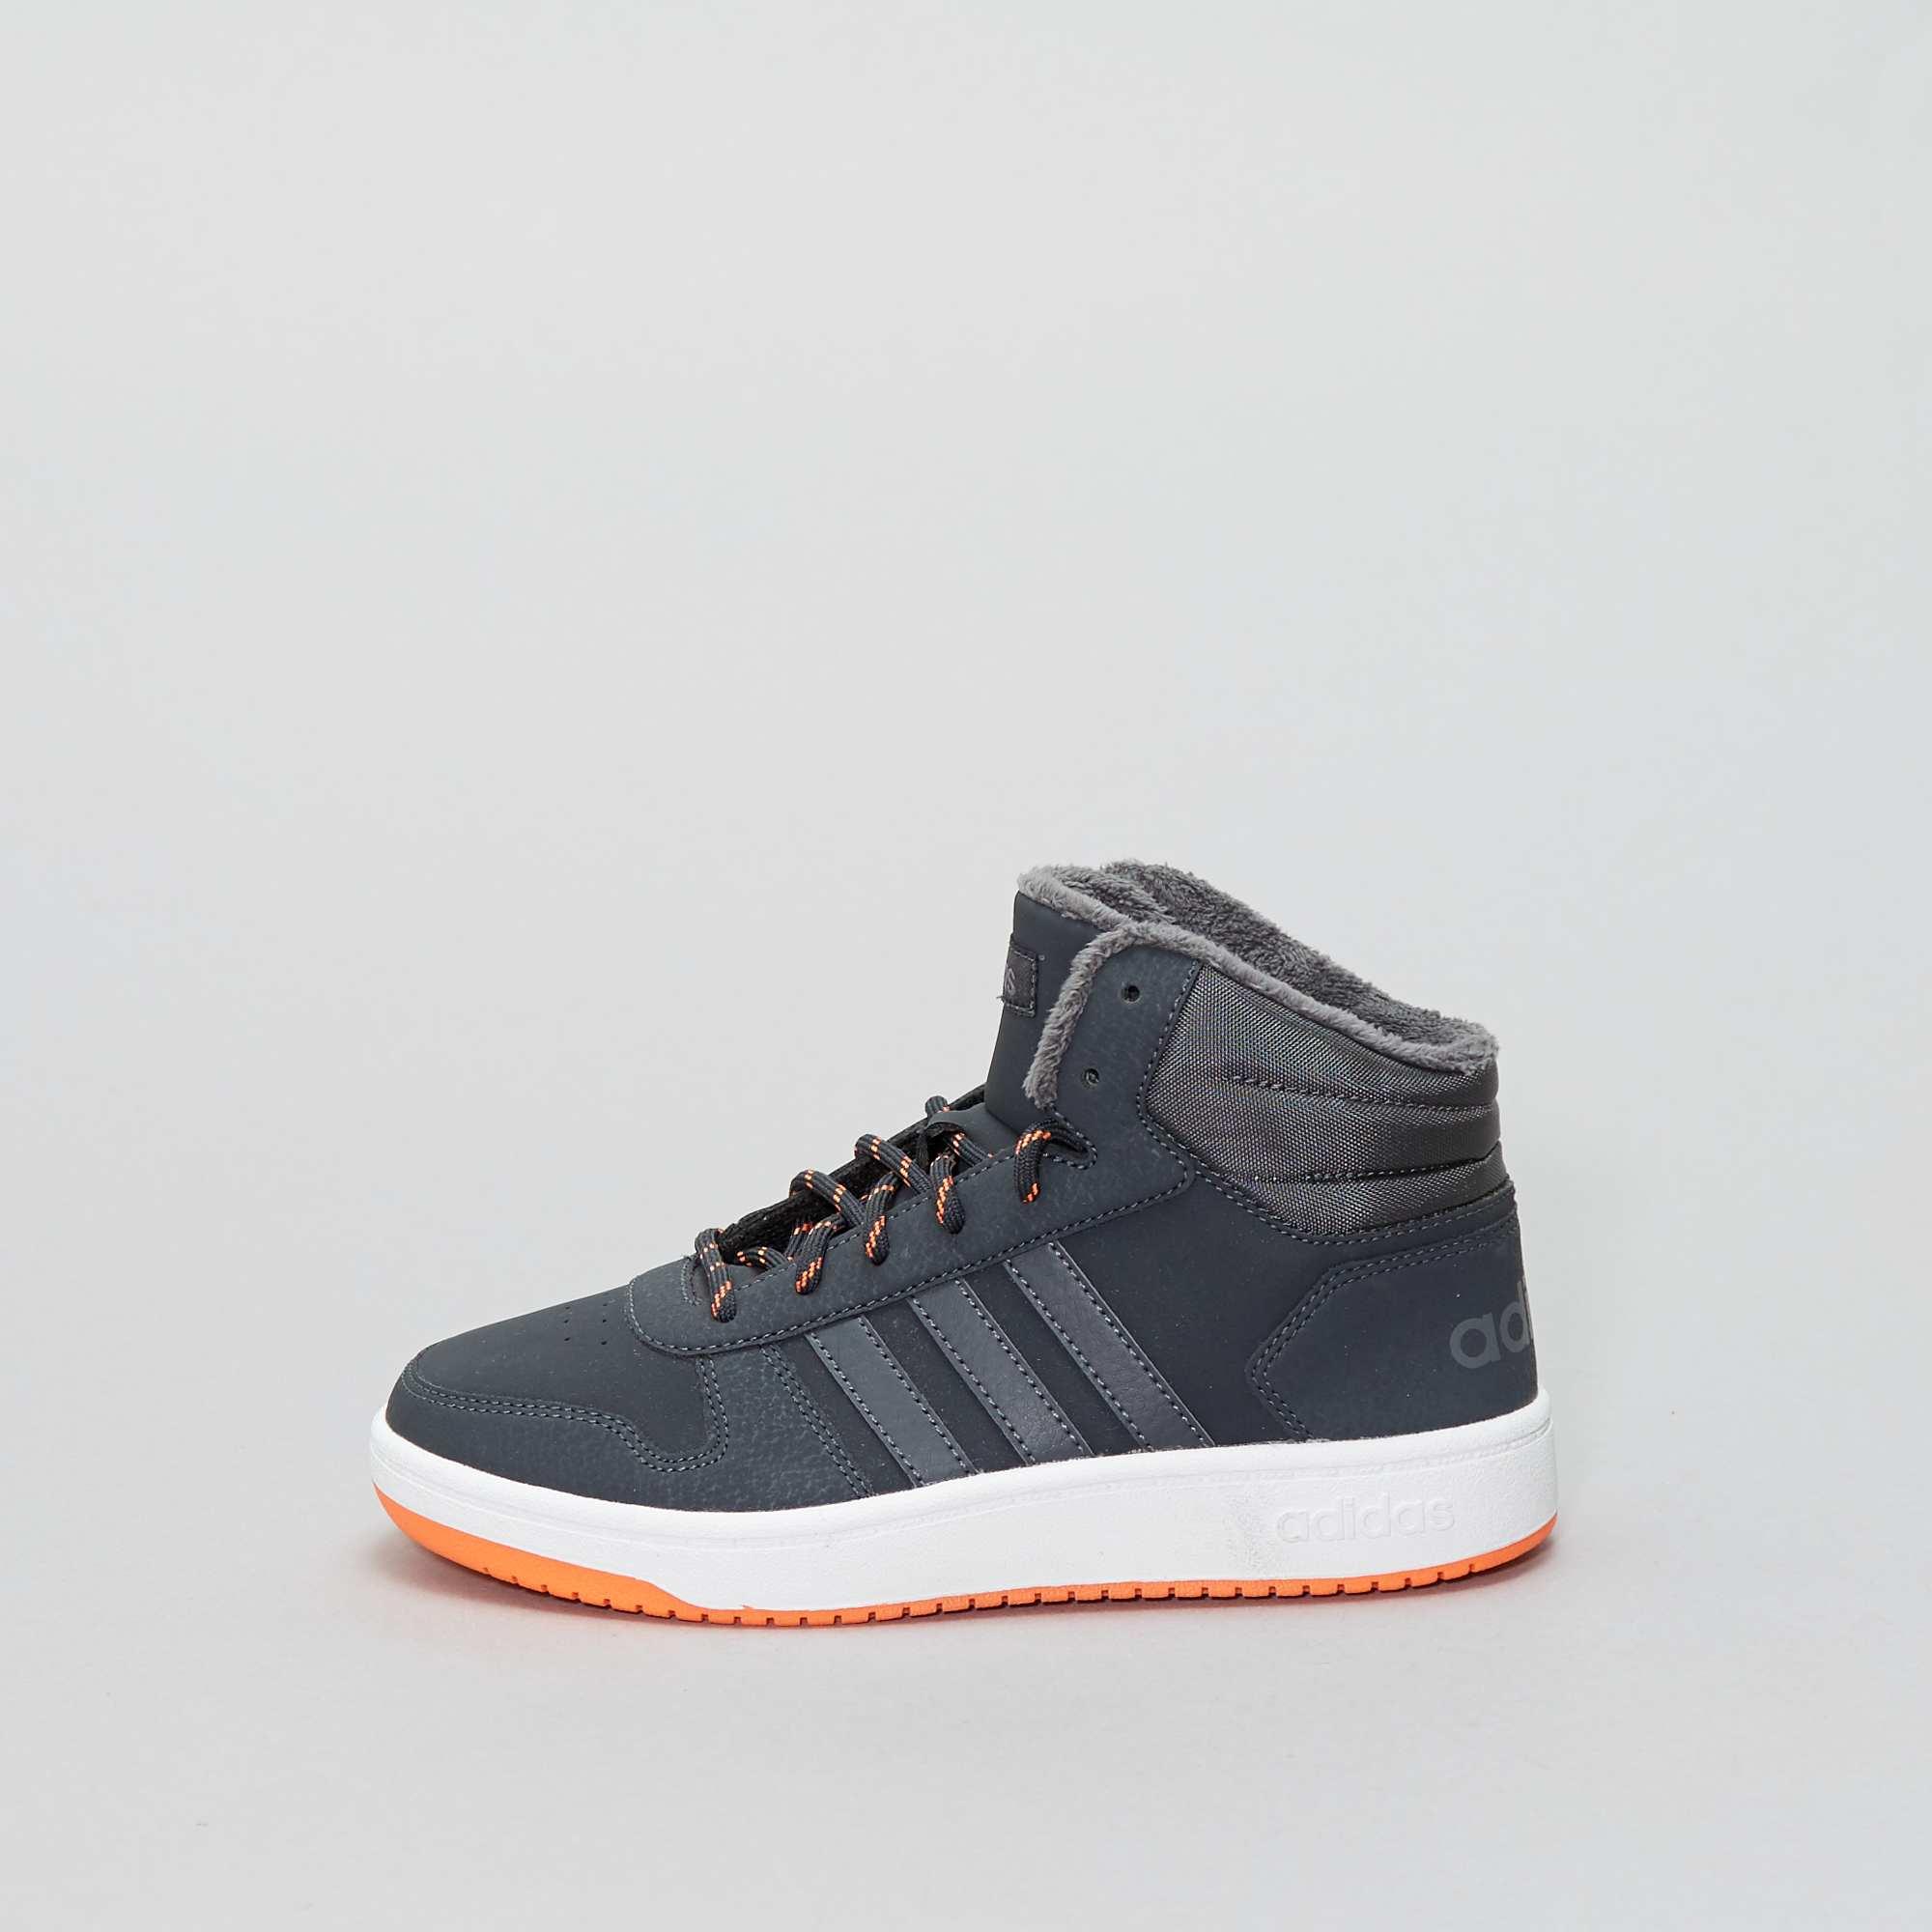 scarpe adidas nero